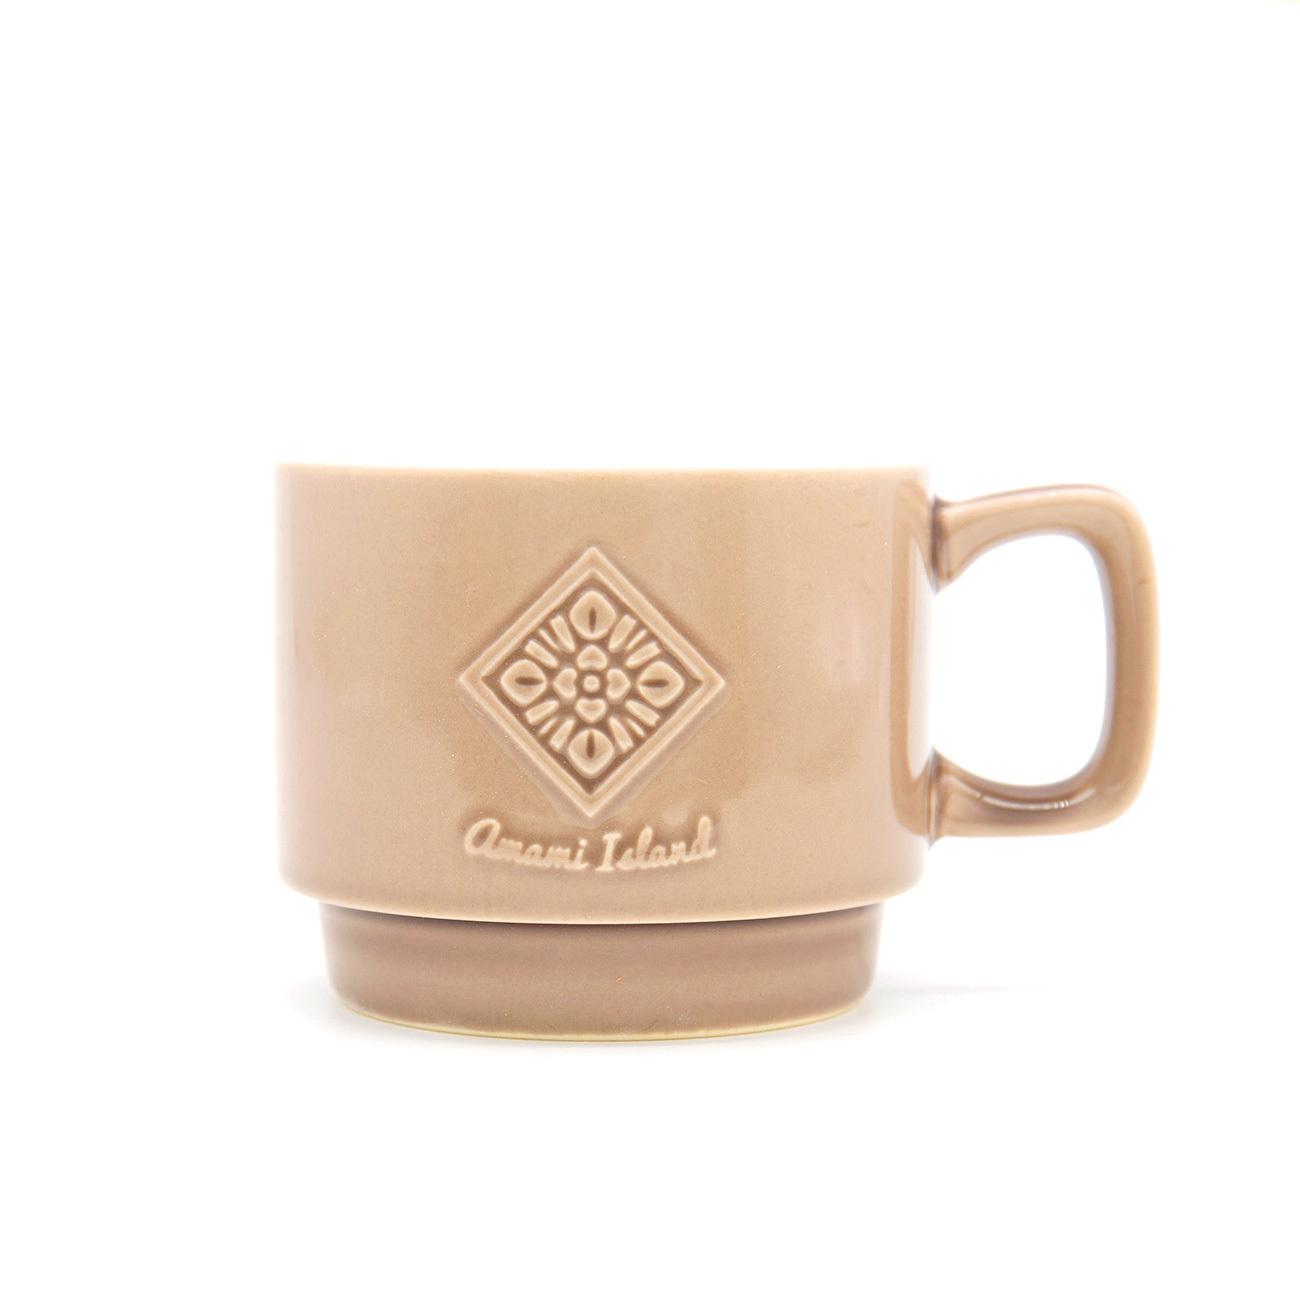 オリジナルマグカップ   ブラウン   紬柄